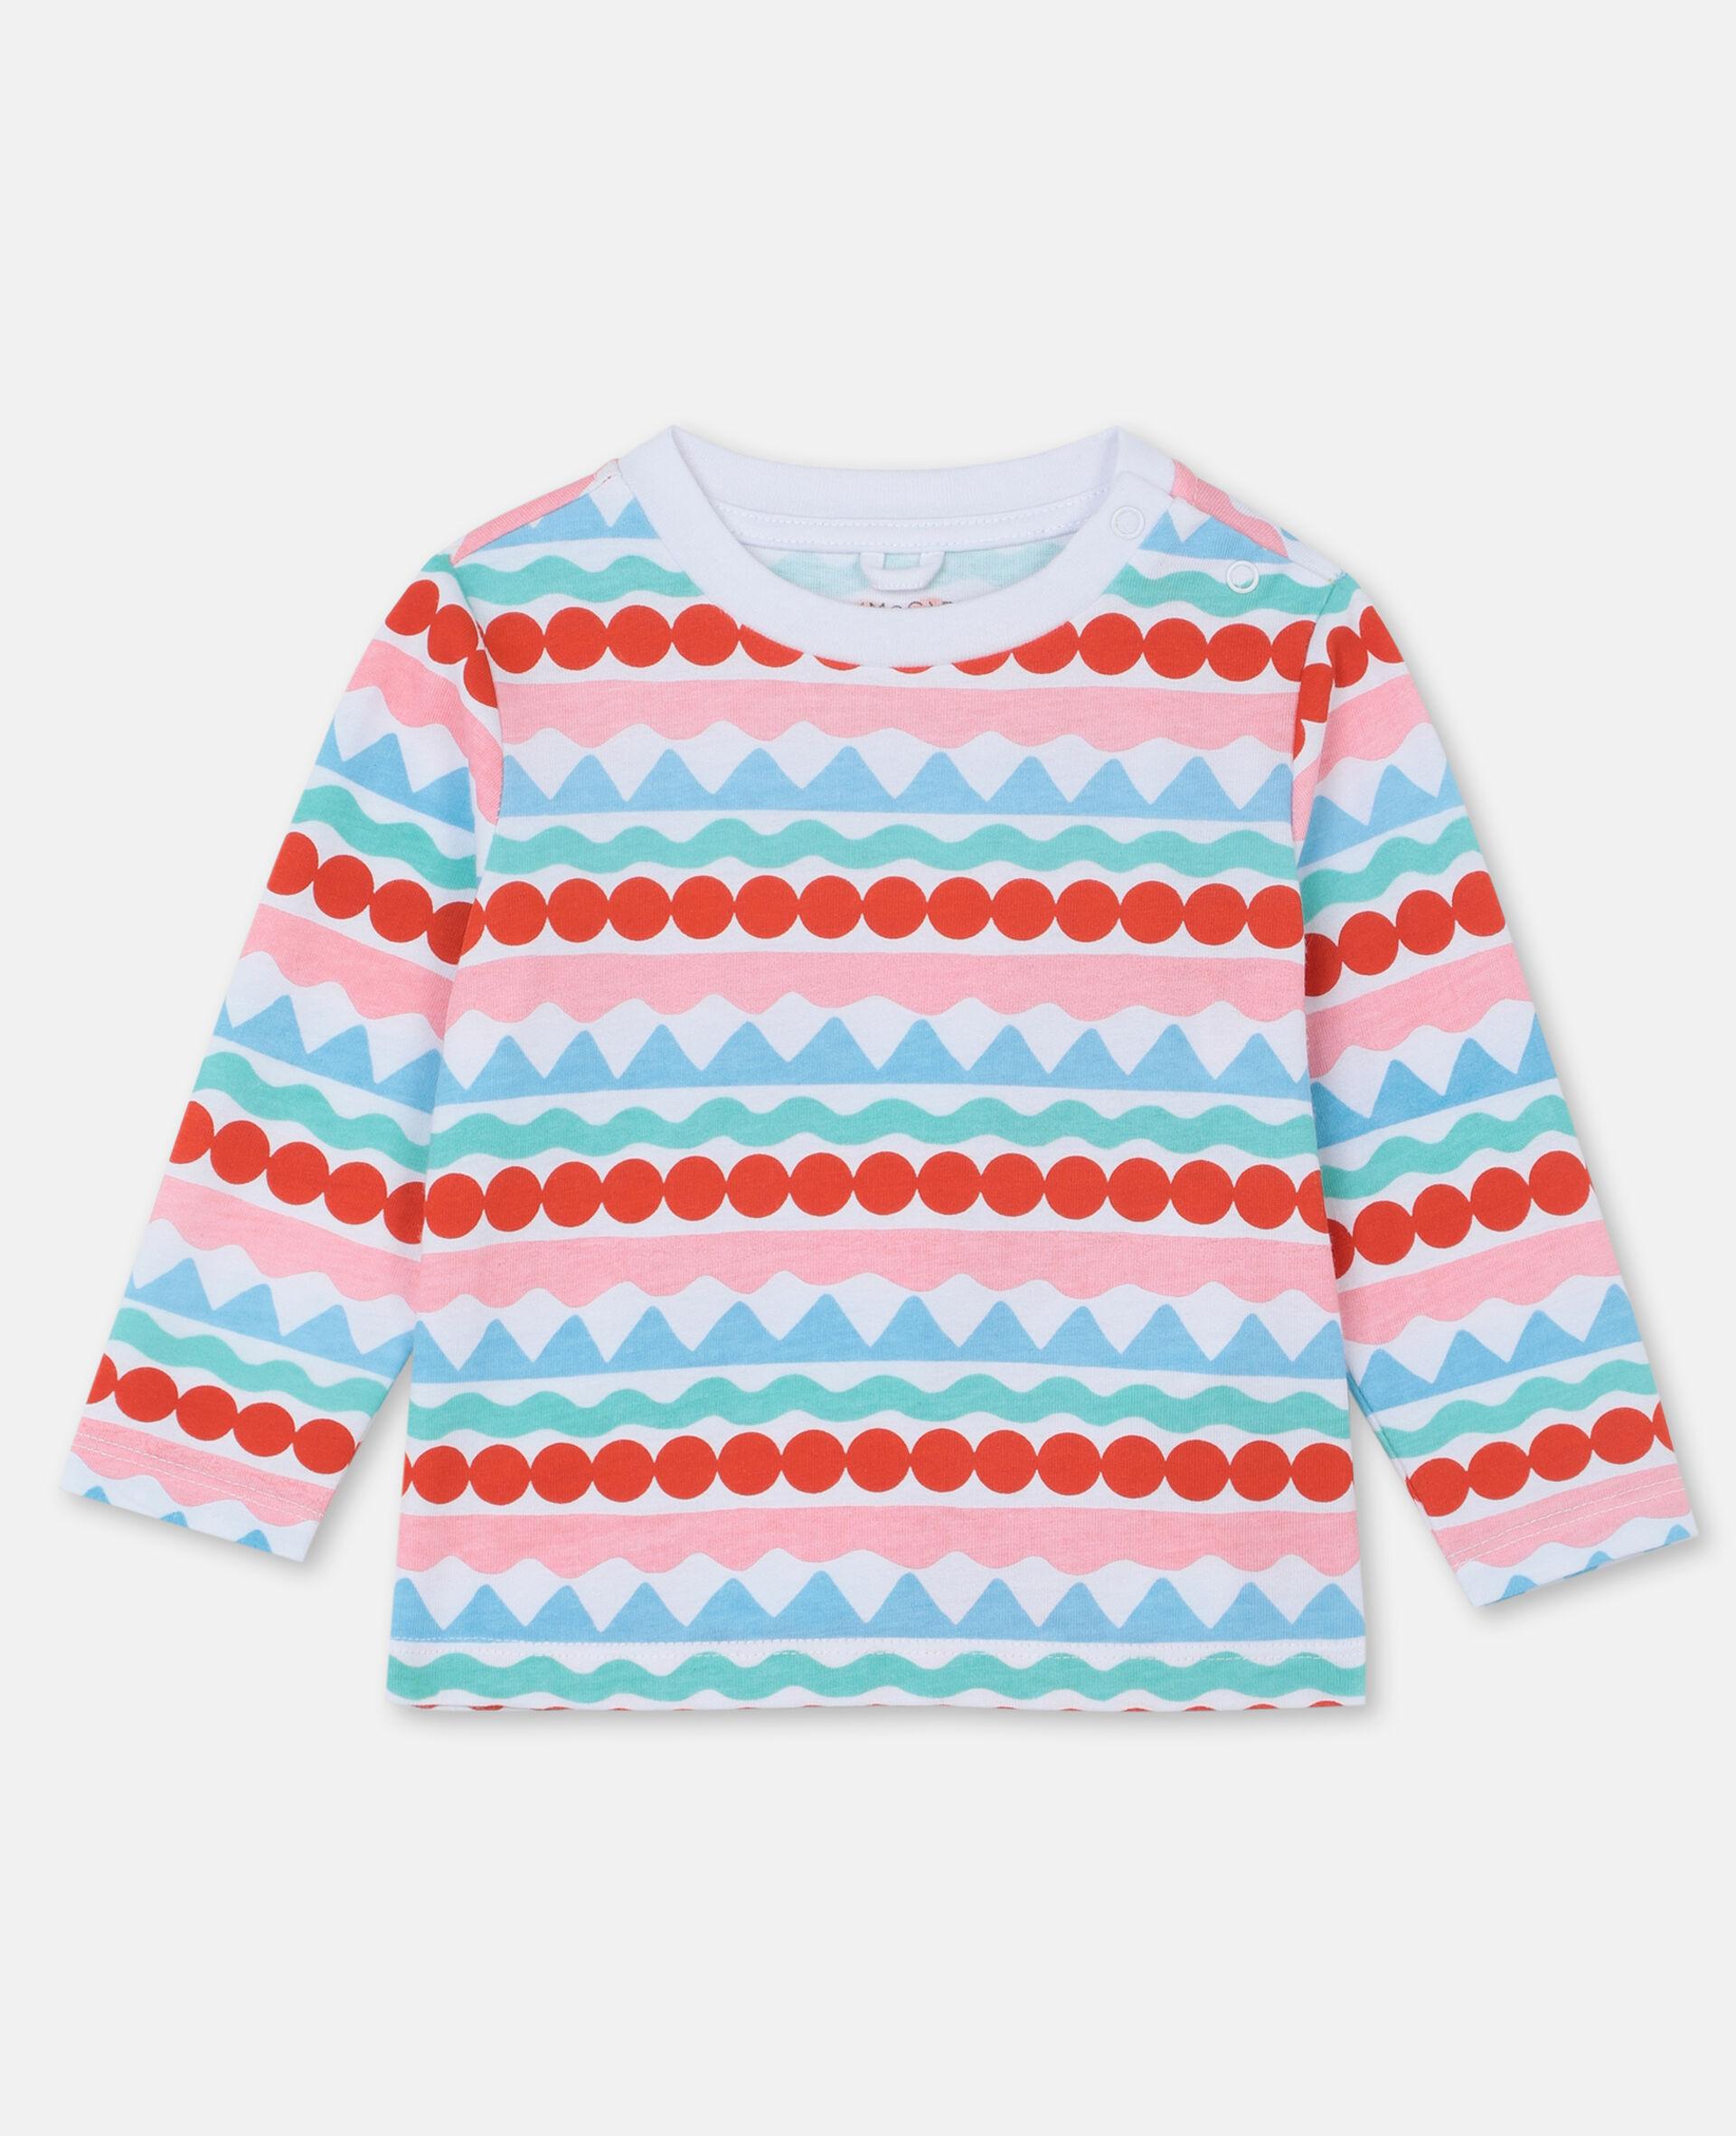 图形感条纹棉质 T 恤-Multicolored-large image number 0